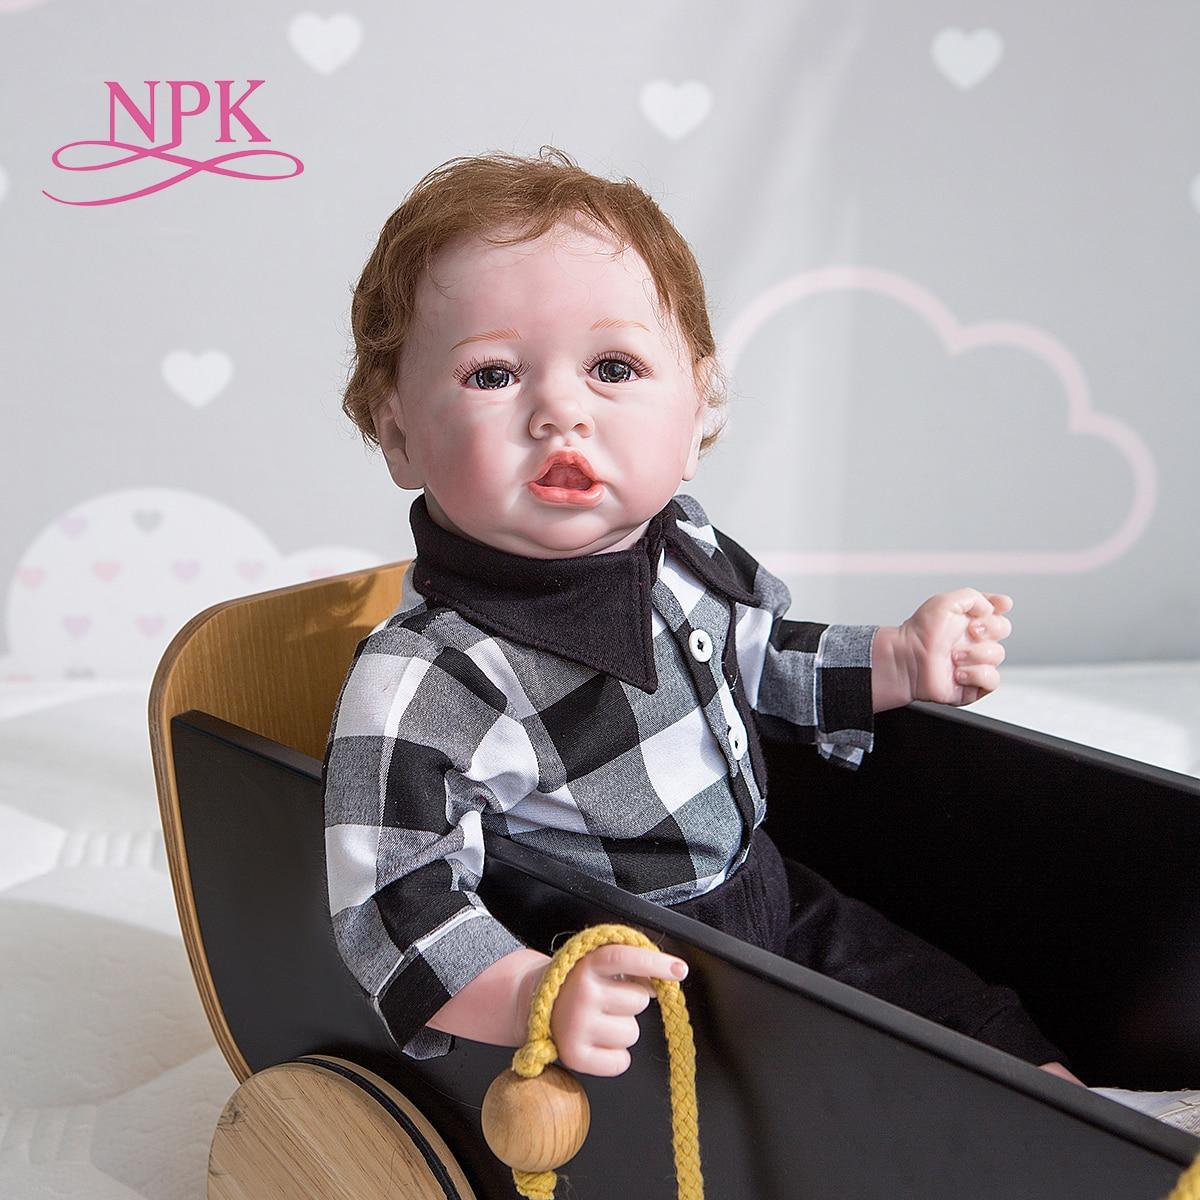 NPK 55CM Bebe Puppe Reborn Saskia Beliebte Baby Puppe Lebensechte Weiche Touch Hand Detaillierte Malerei Sammeln Handgemachte Baby